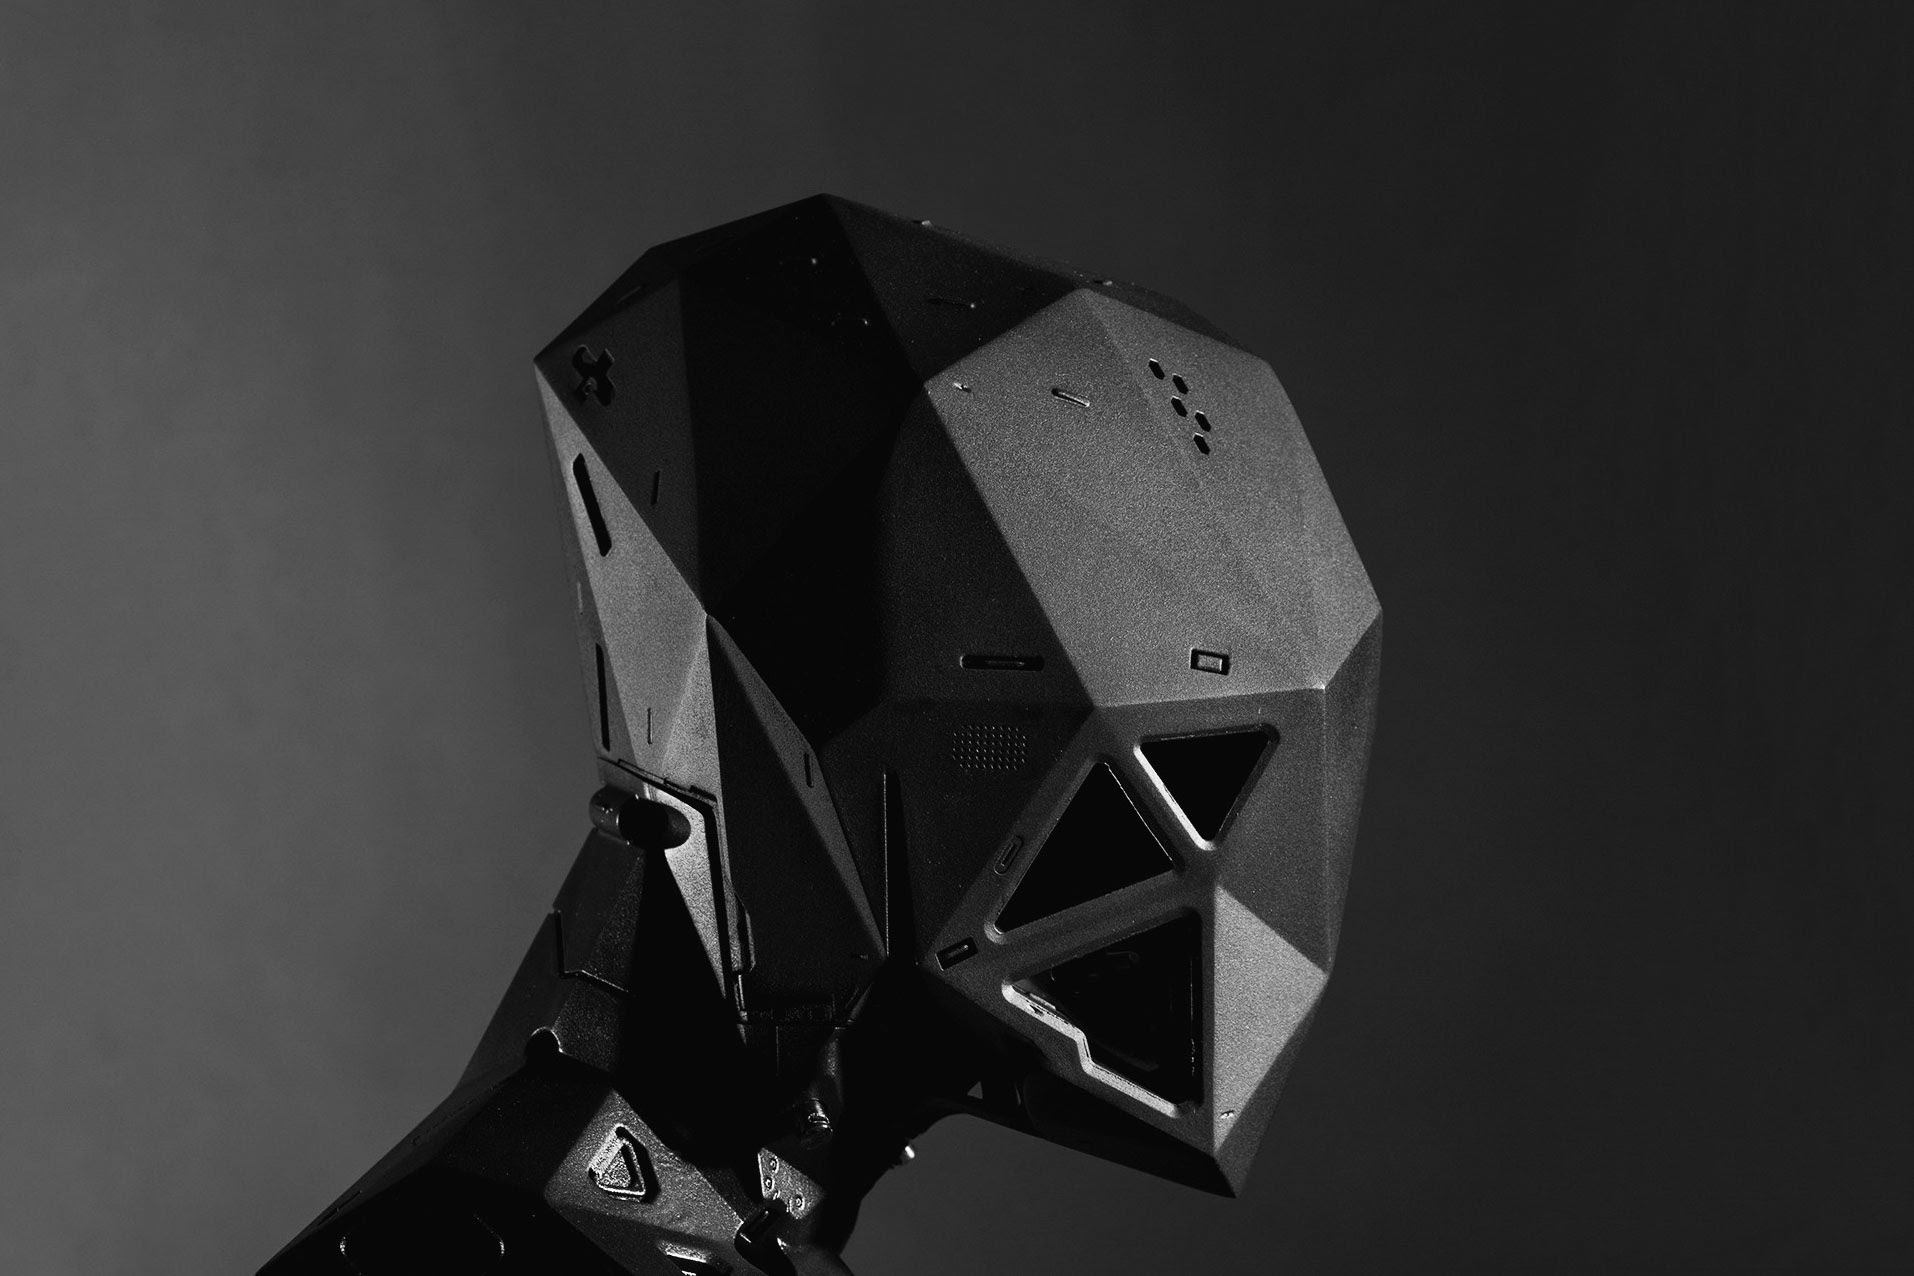 مدل یک سایبورگ ساخته شده با پرینتر سه بعدی متریال جت و رنگ آمیزی شده پس از ساخت